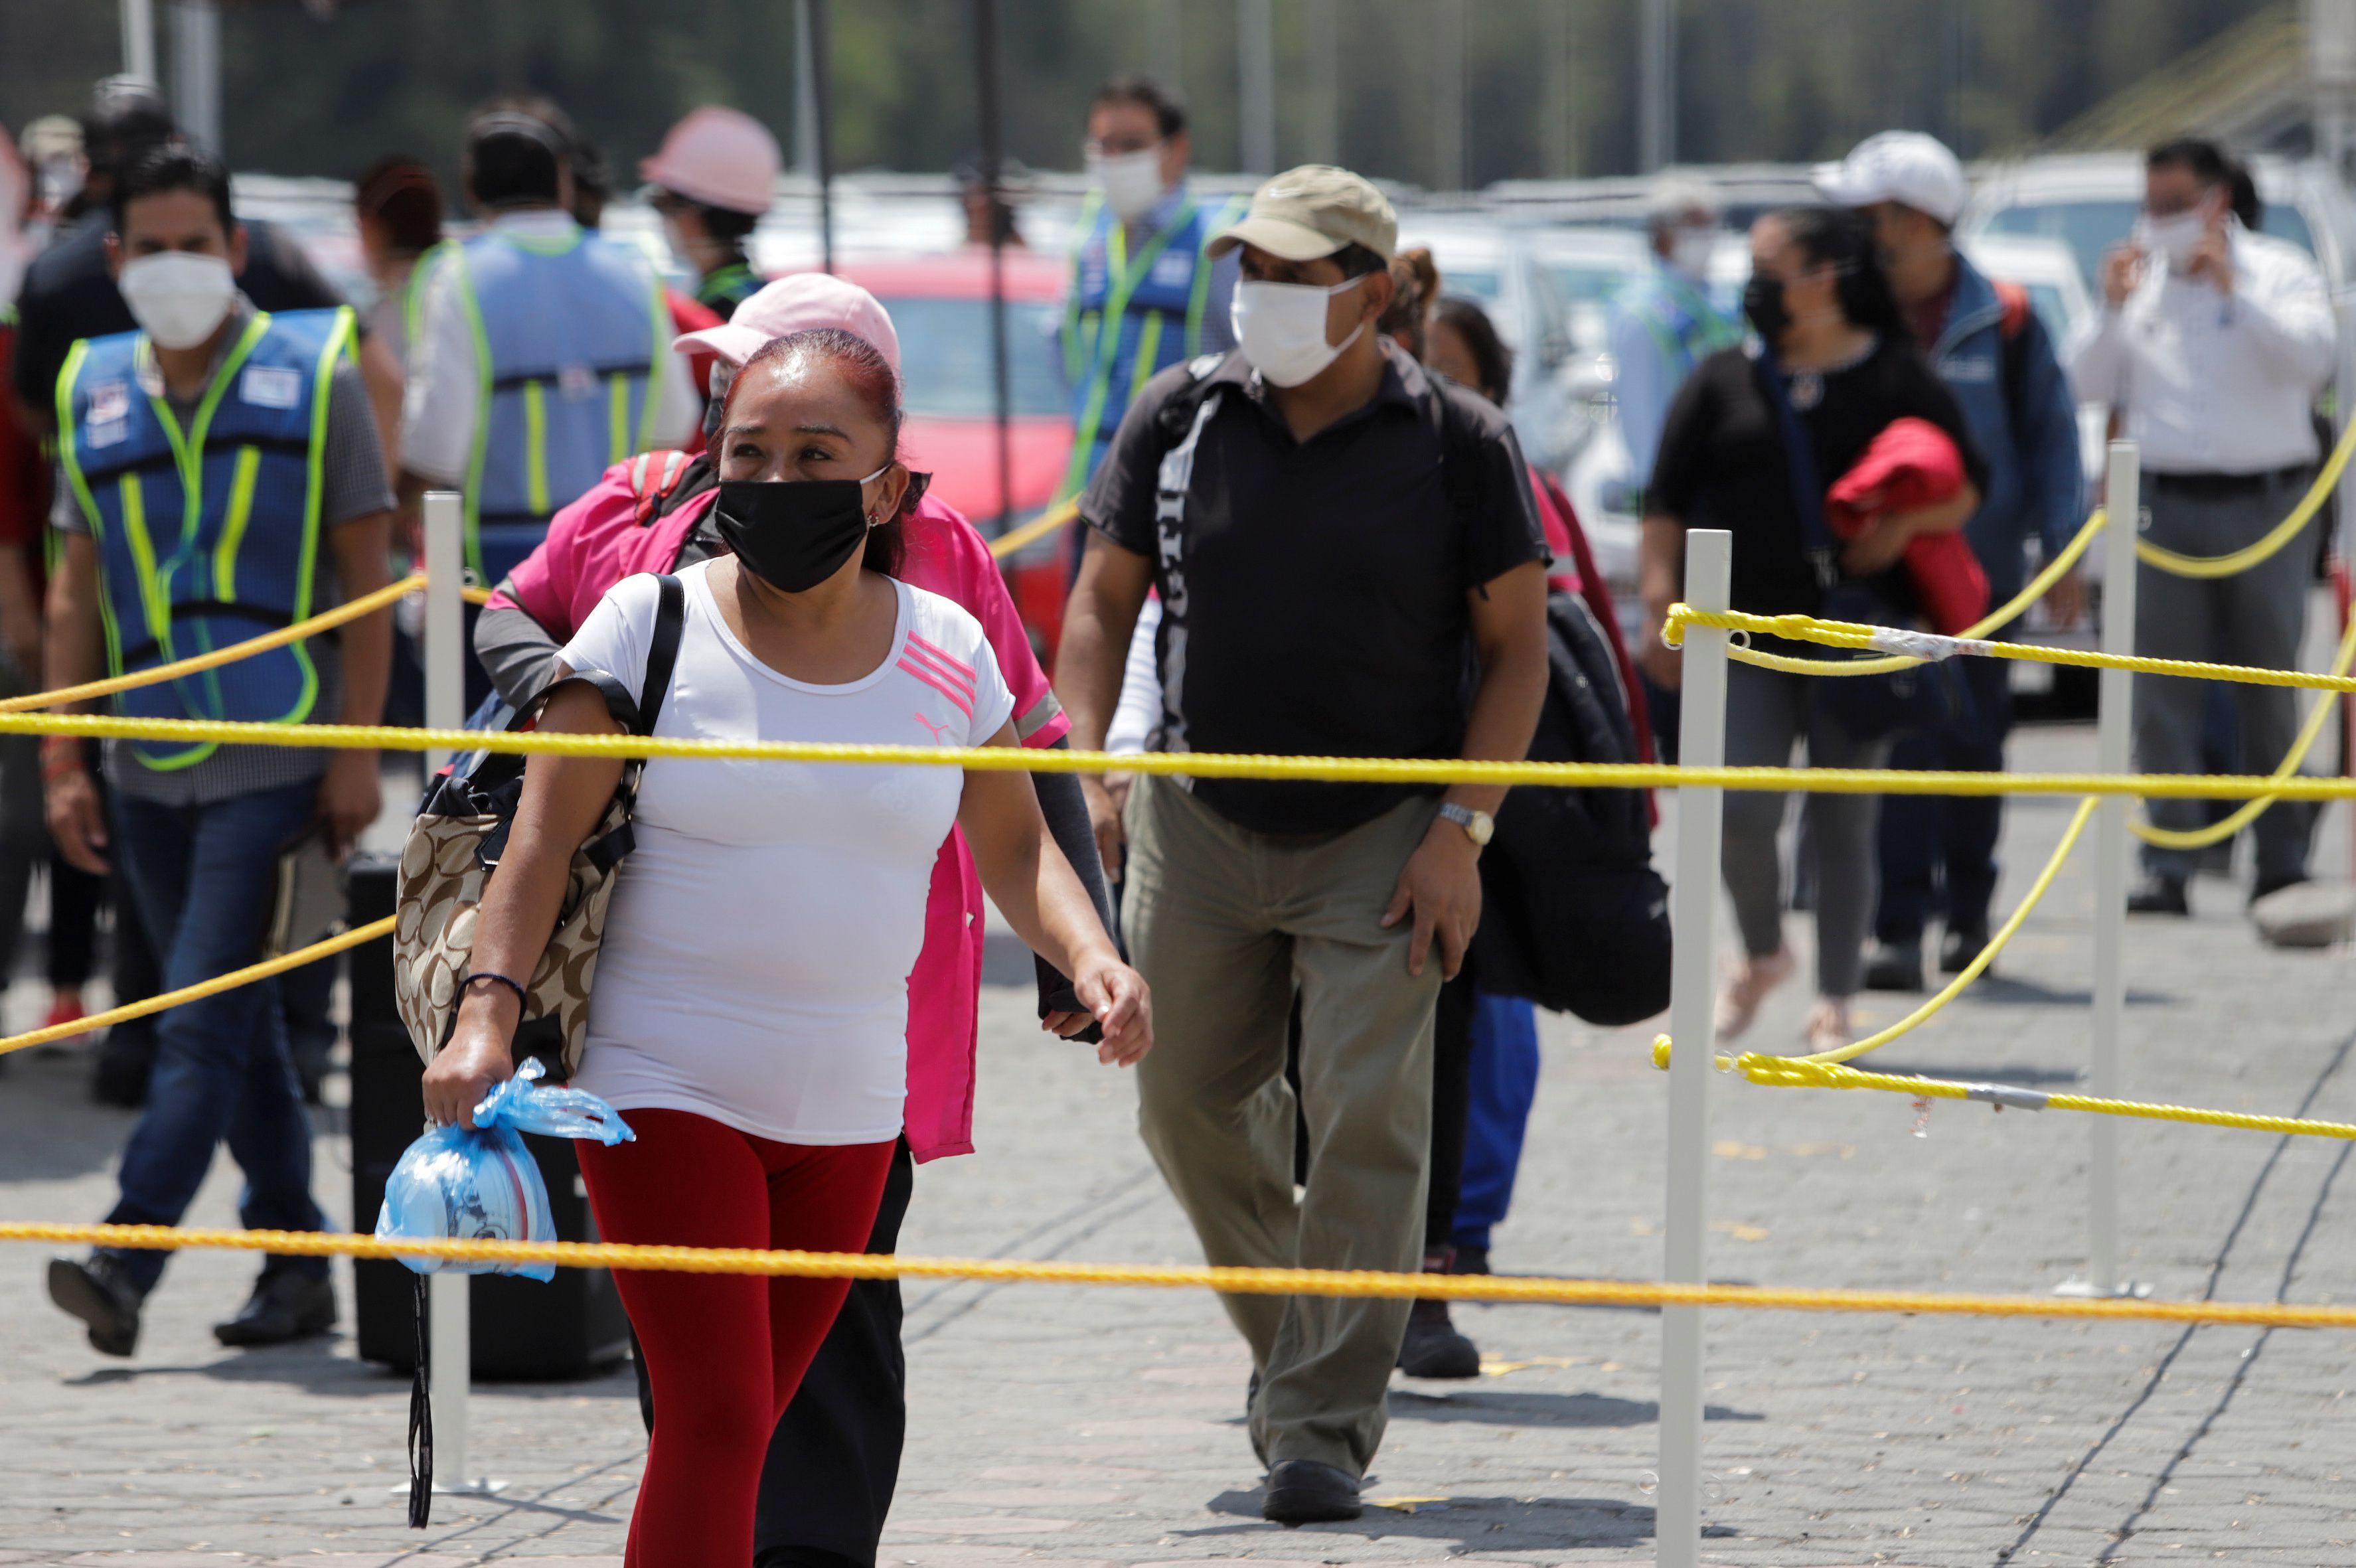 La ciudad de Puebla apoyará con pagos únicos para cremaciones y recargas de oxígeno (Foto: Reuters/Imelda Medina)